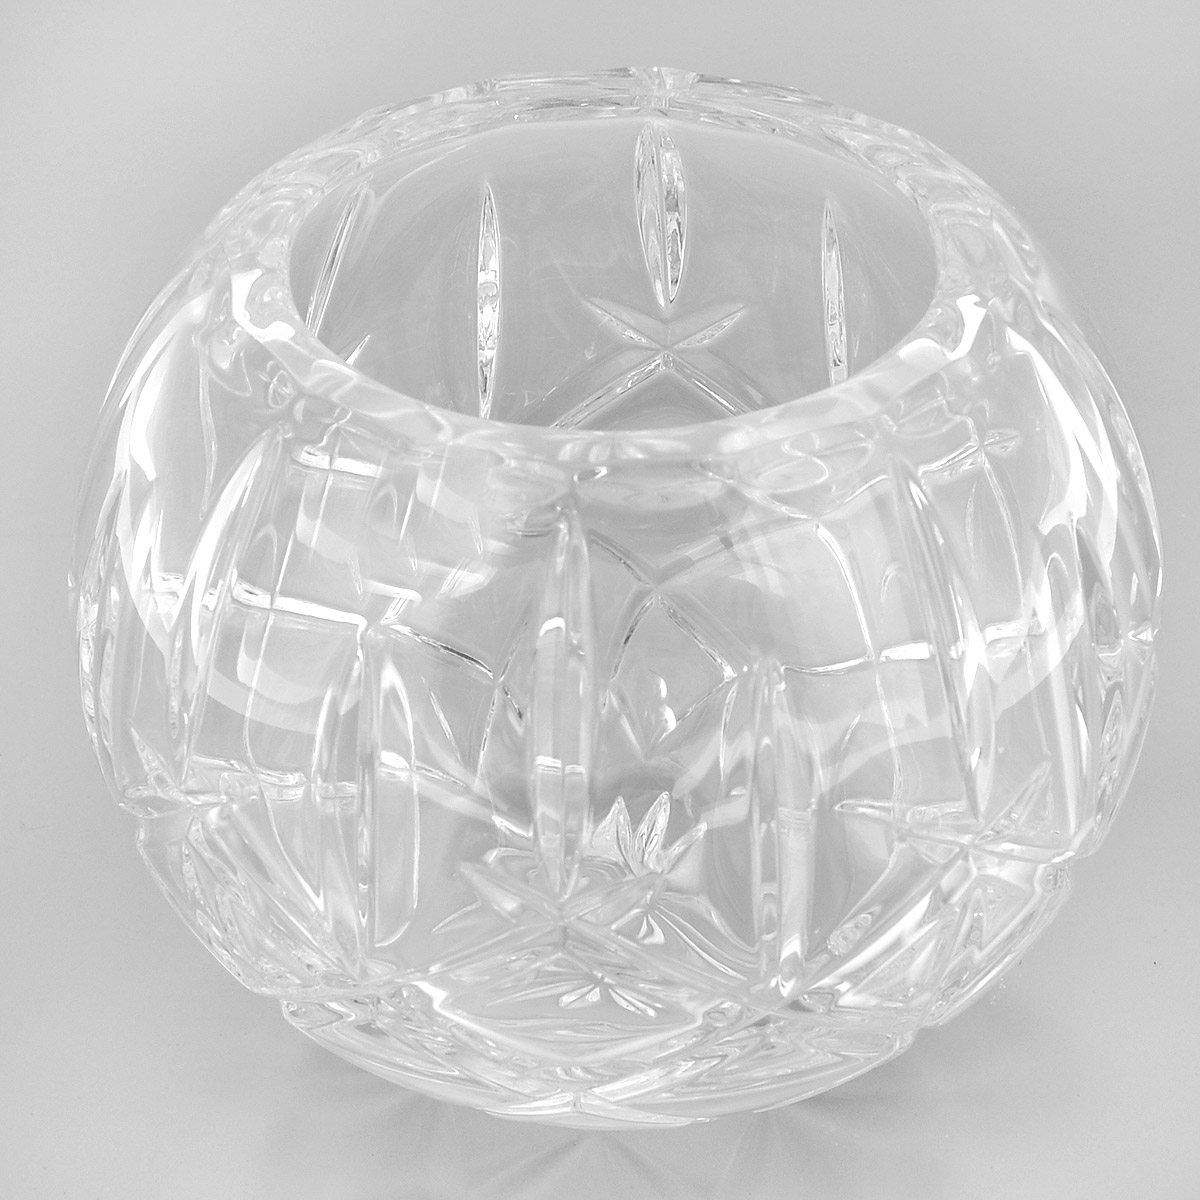 Ваза Crystal Bohemia Шар, диаметр 10 смIM65078-A218ALВаза Crystal Bohemia Шар выполнена из прочного высококачественного хрусталя и декорирована рельефом. Она излучает приятный блеск и издает мелодичный звон. Ваза сочетает в себе изысканный дизайн с максимальной функциональностью. Ваза не только украсит дом и подчеркнет ваш прекрасный вкус, но и станет отличным подарком.Высота: 14 см.Диаметр по верхнему краю: 10 см.Диаметр основания: 7 см.